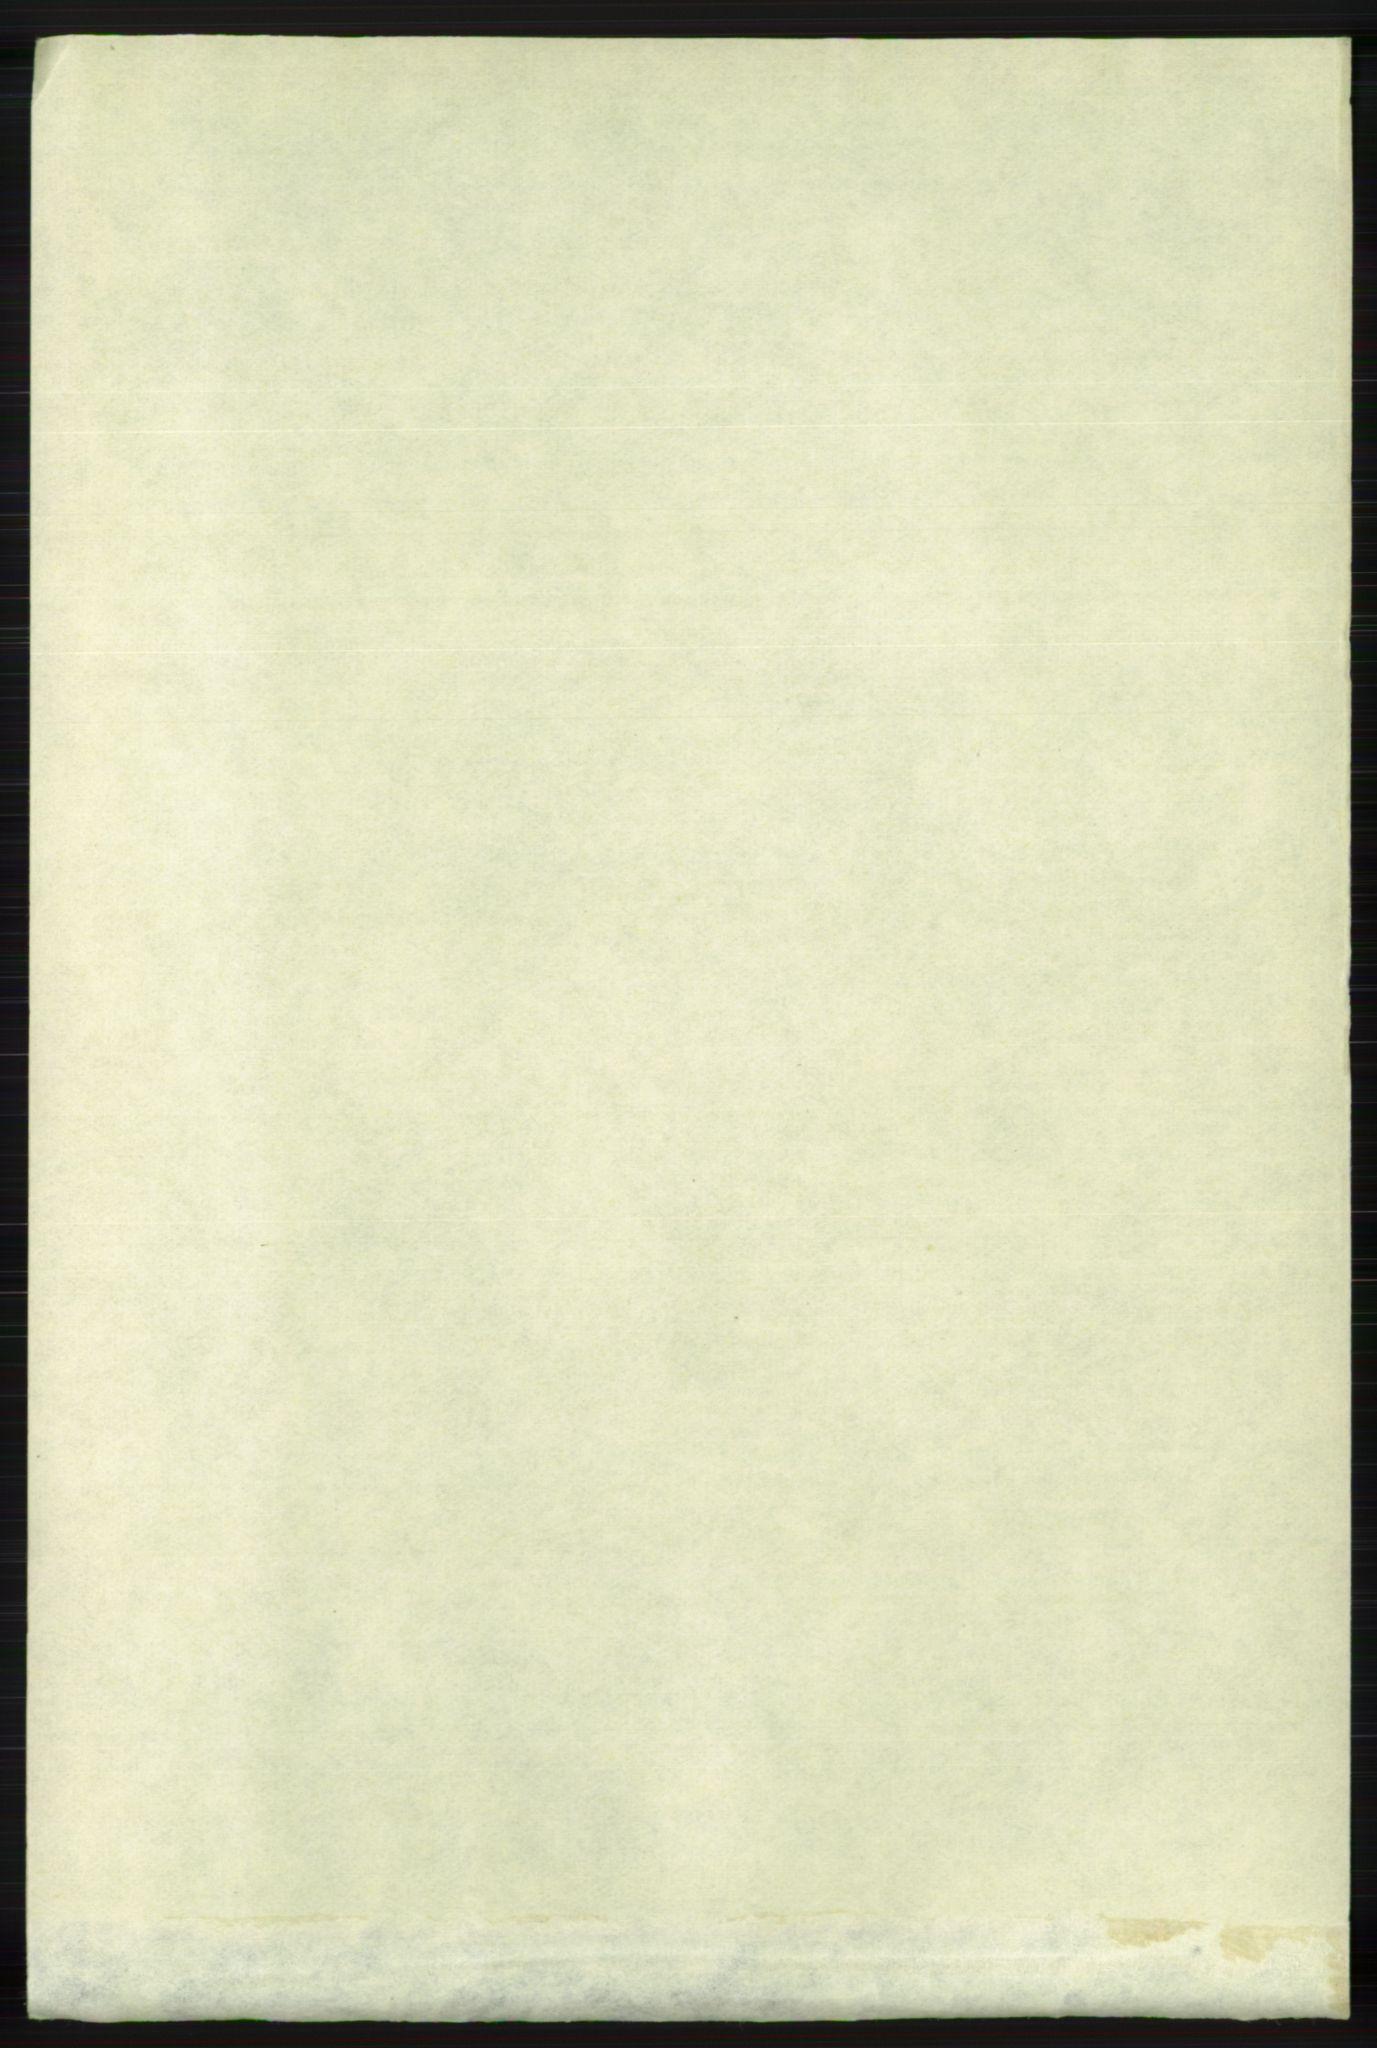 RA, Folketelling 1891 for 1116 Eigersund herred, 1891, s. 2192